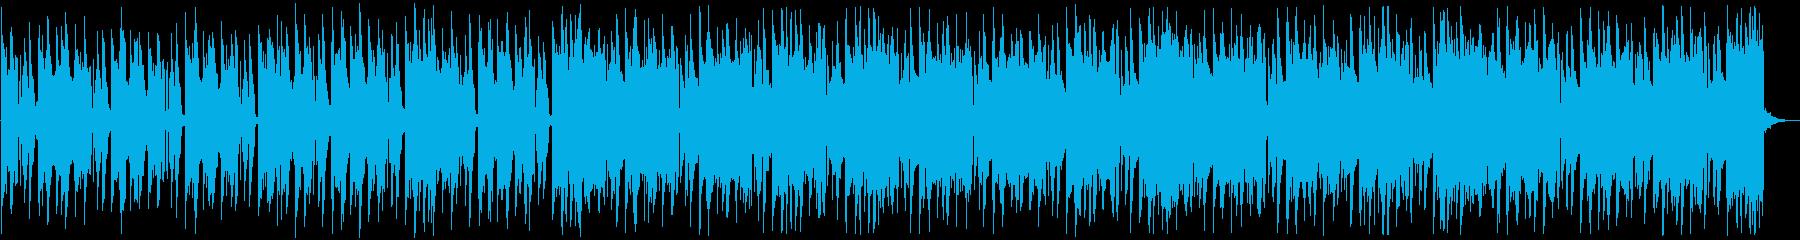 爽やか/疾走/D&B_No450_3の再生済みの波形